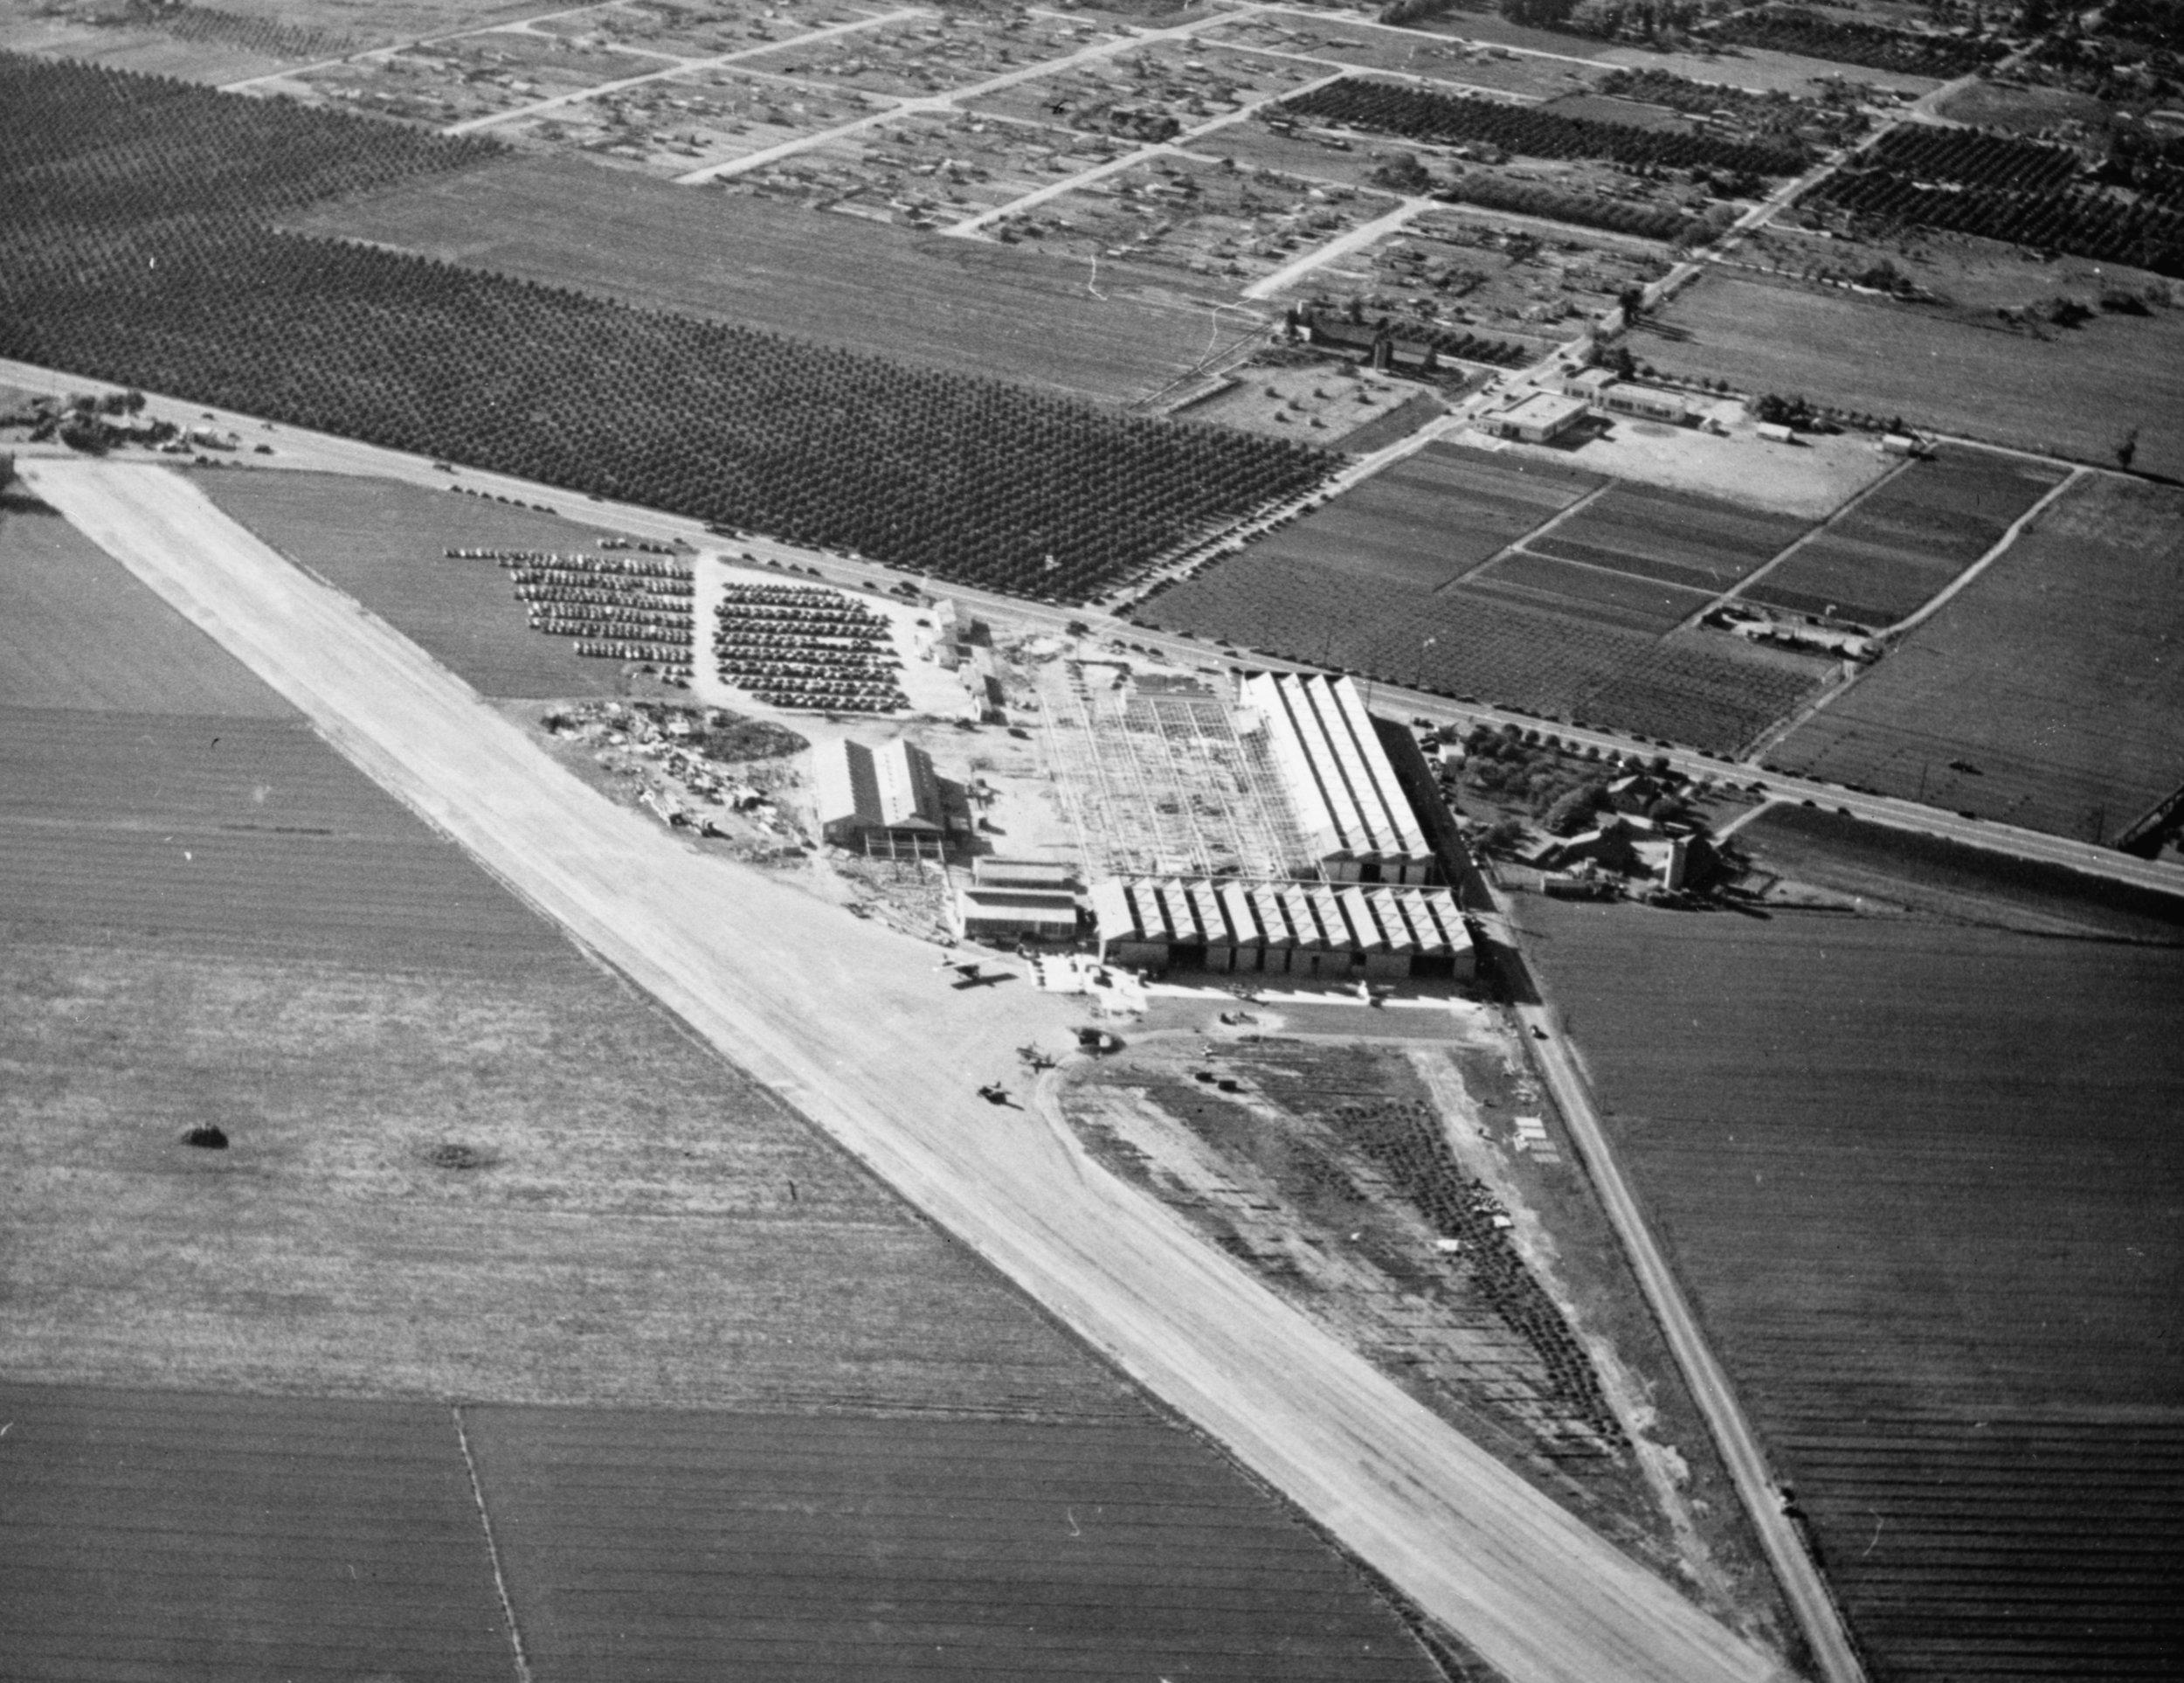 Vultee Aircraft and Vultee Field